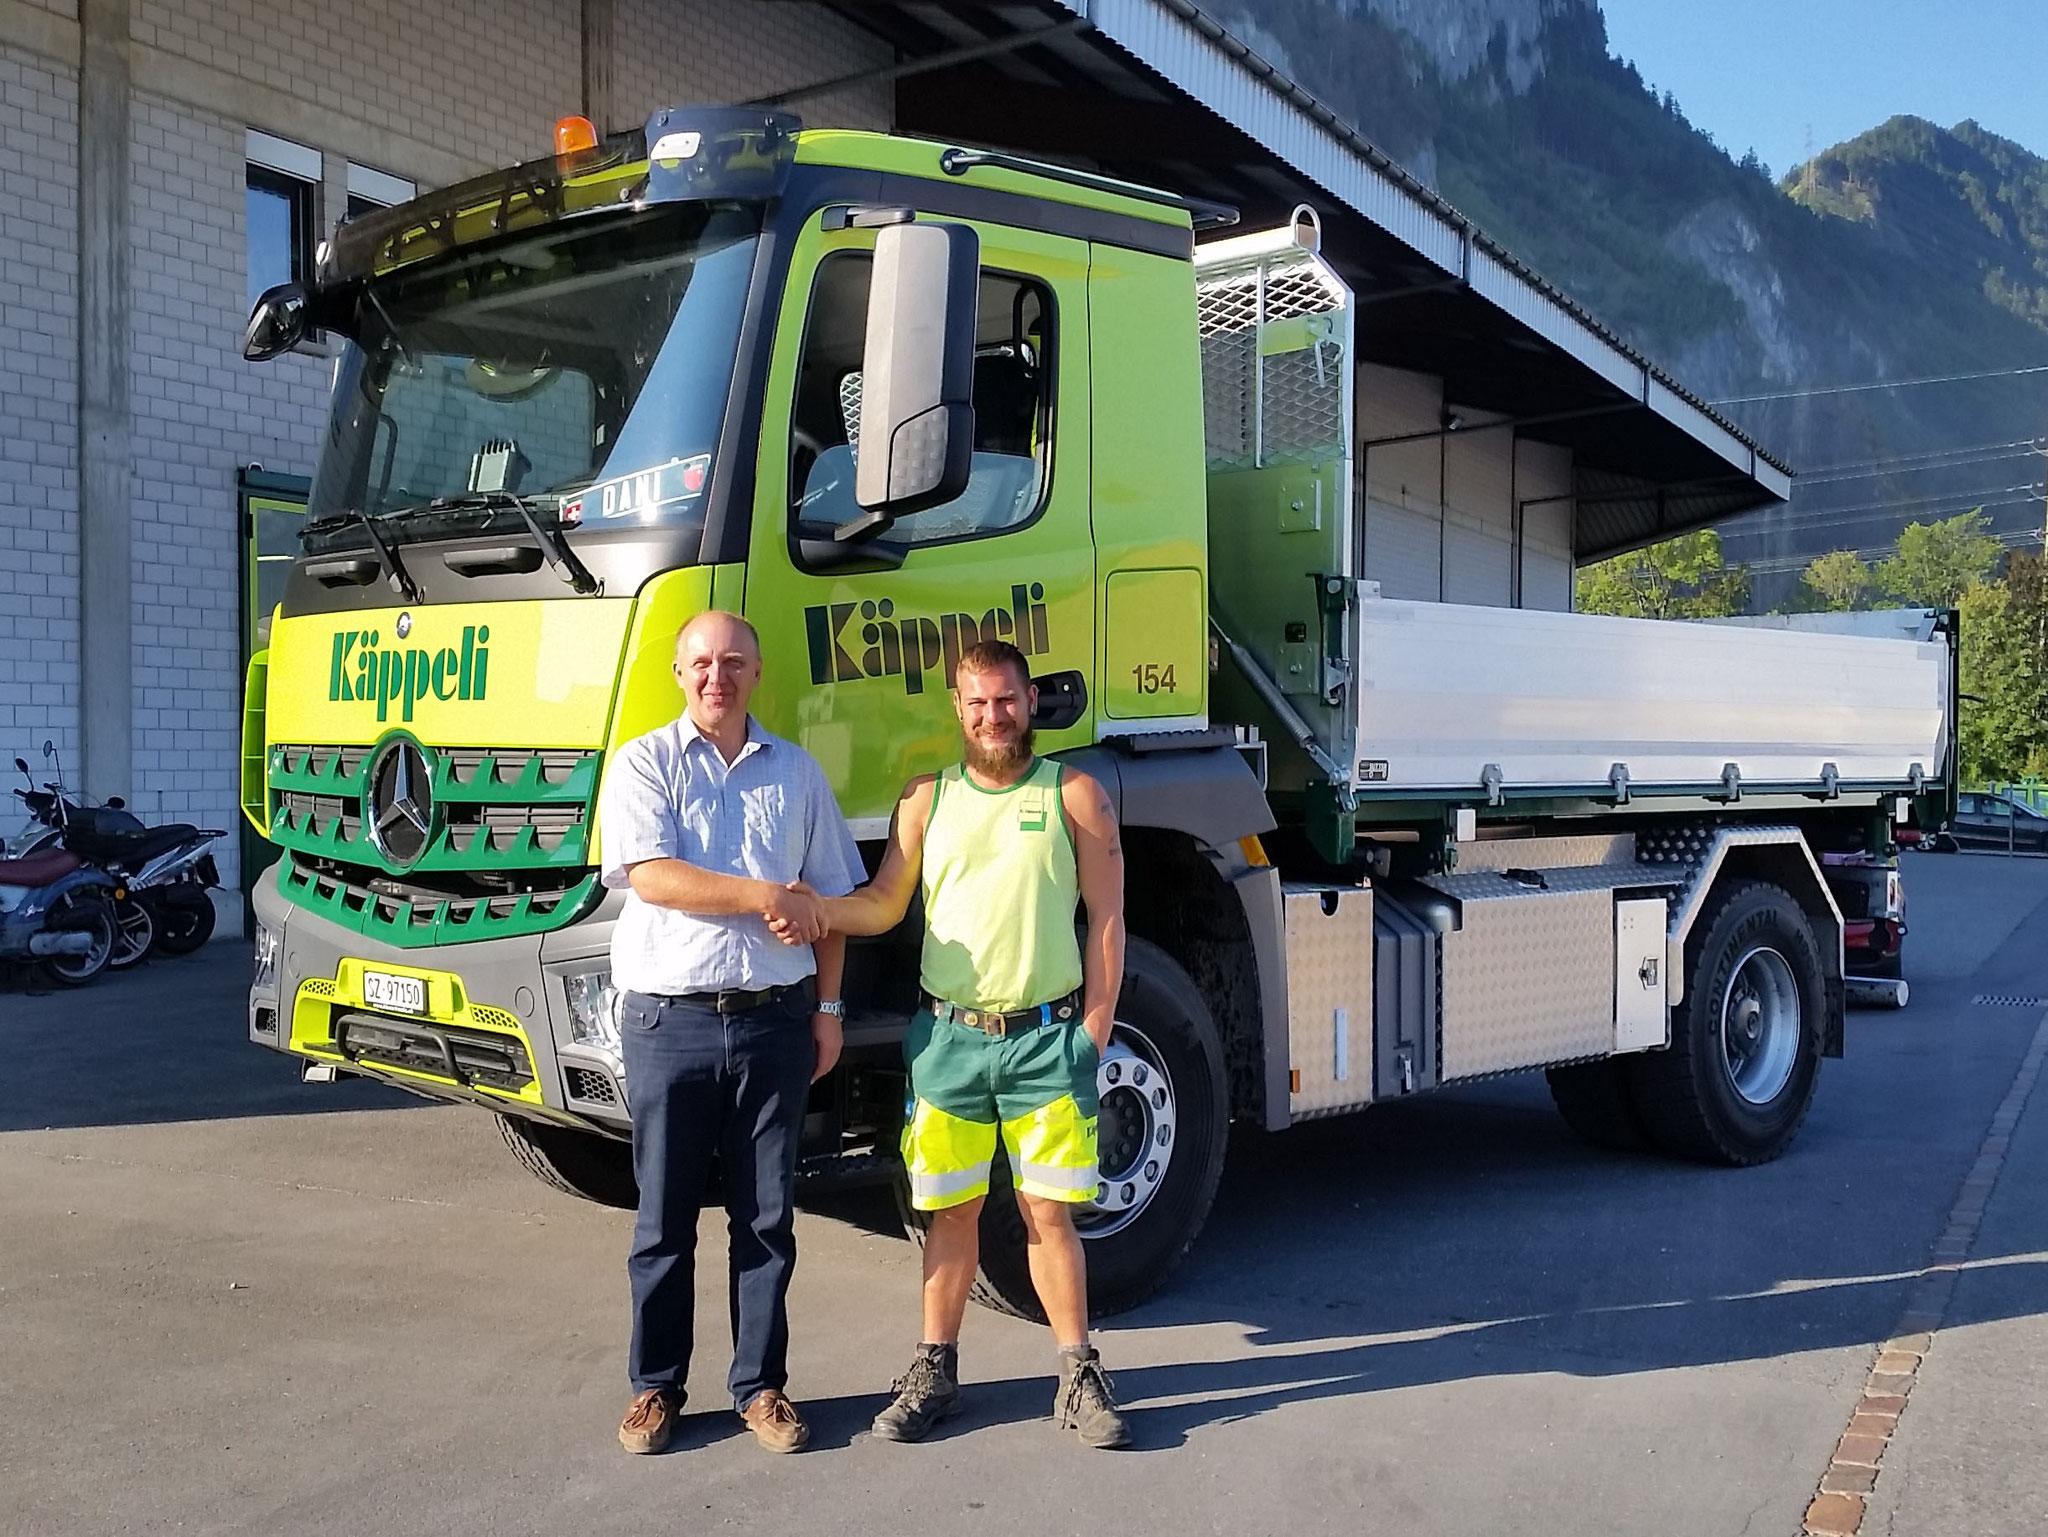 """22. August 2018: Lukas Käppeli übergibt Lastwagenfahrer Dani Schilter den Actros zur sorgfältigen Führung: """"Gute Fahrt"""""""